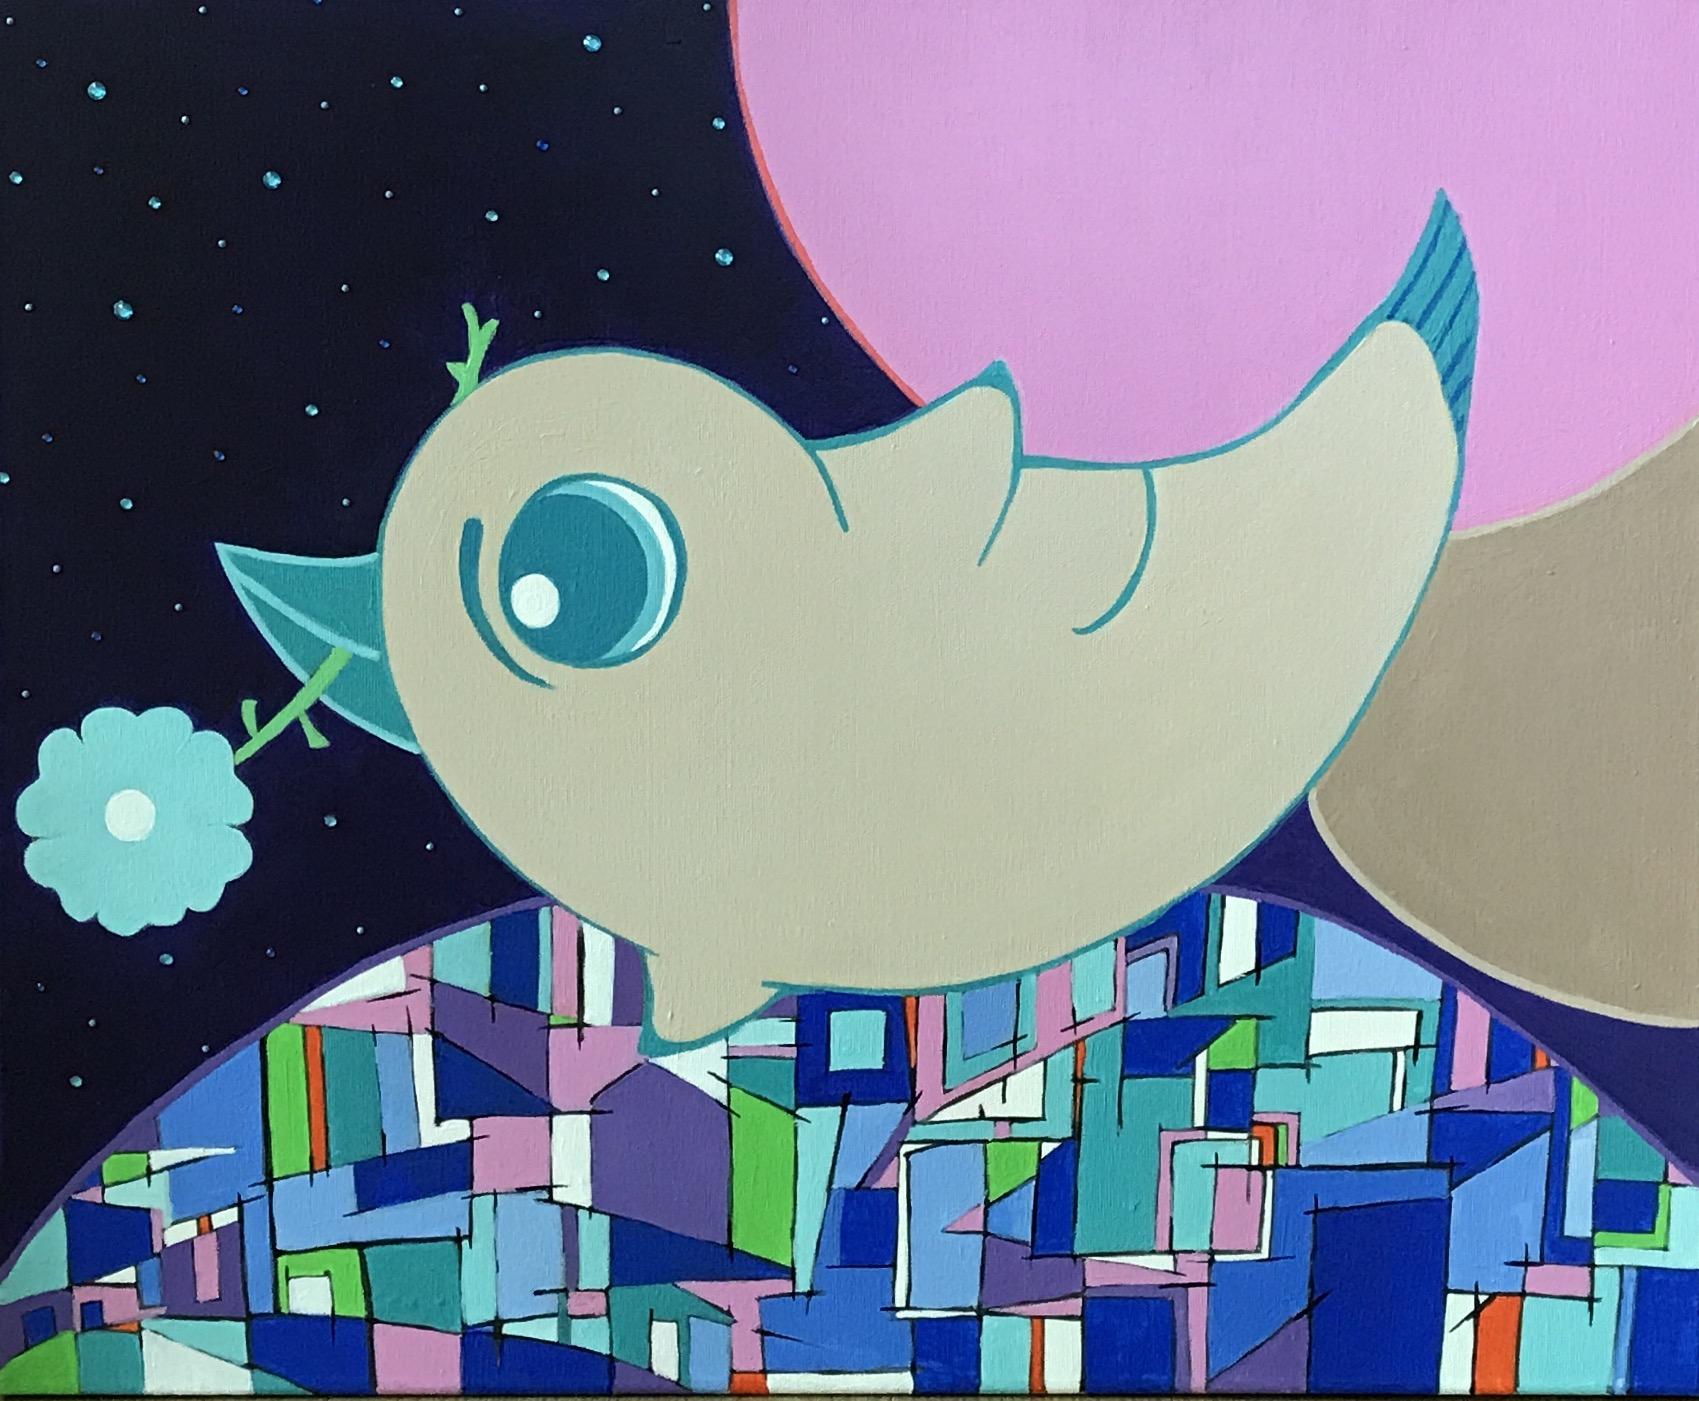 A Bird Carrying a Dream